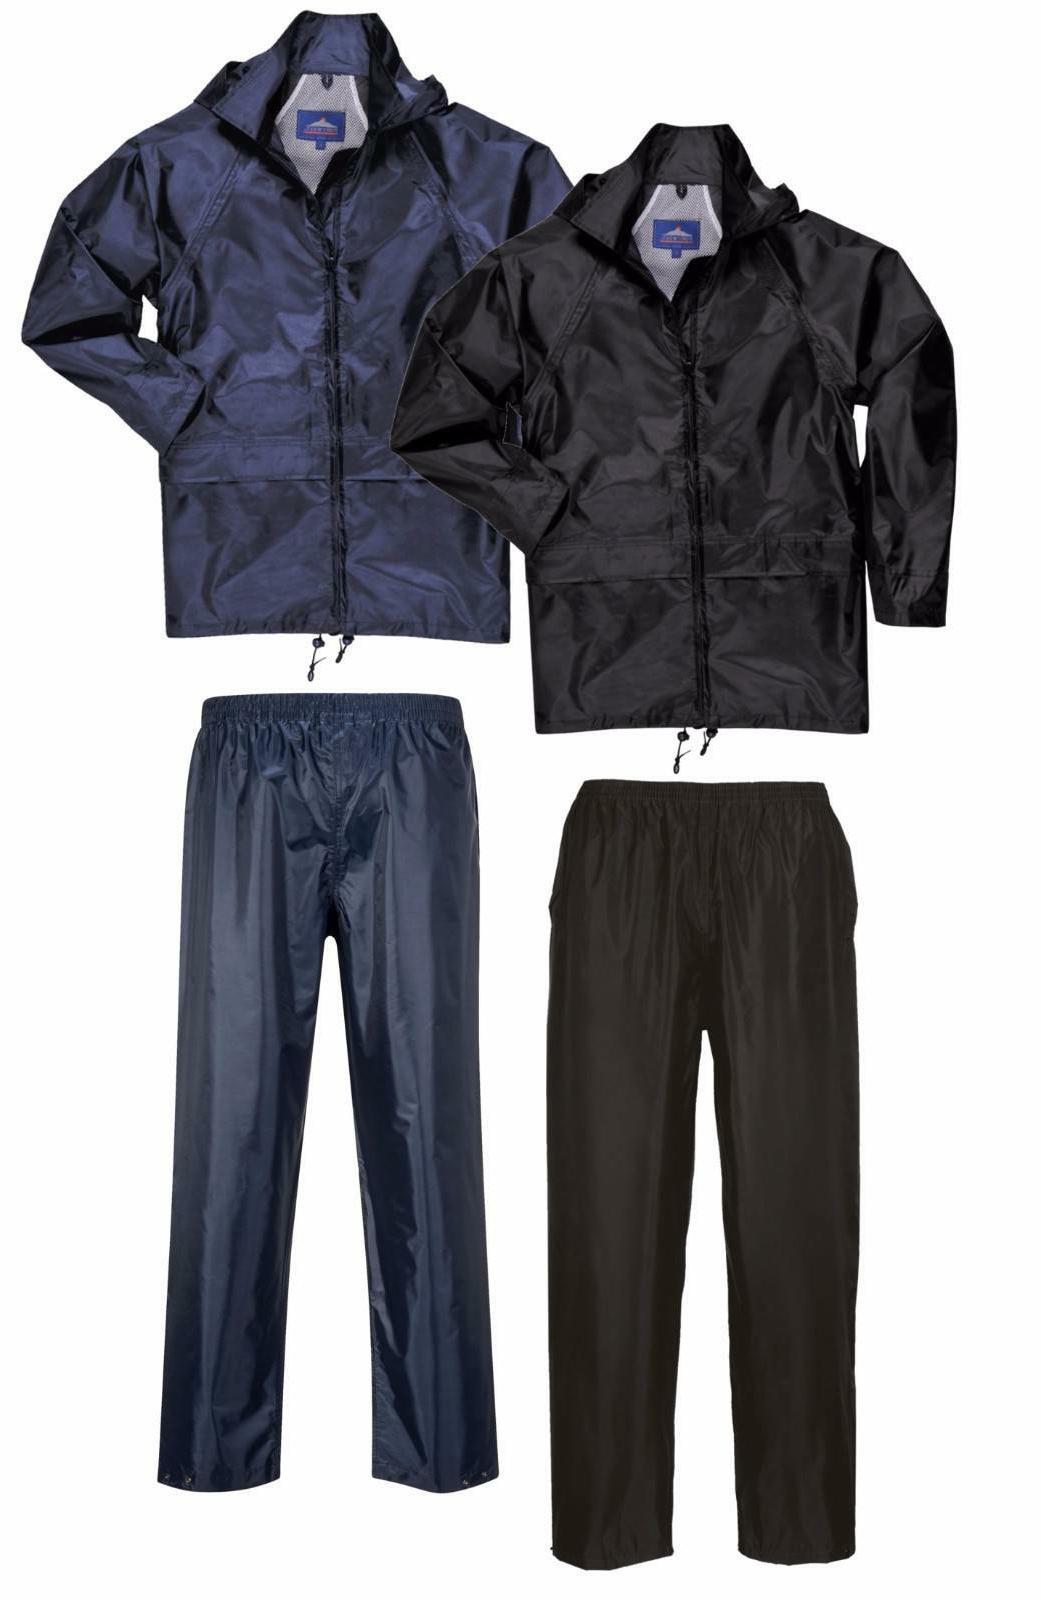 classic us440 rain jacket and s441 rain